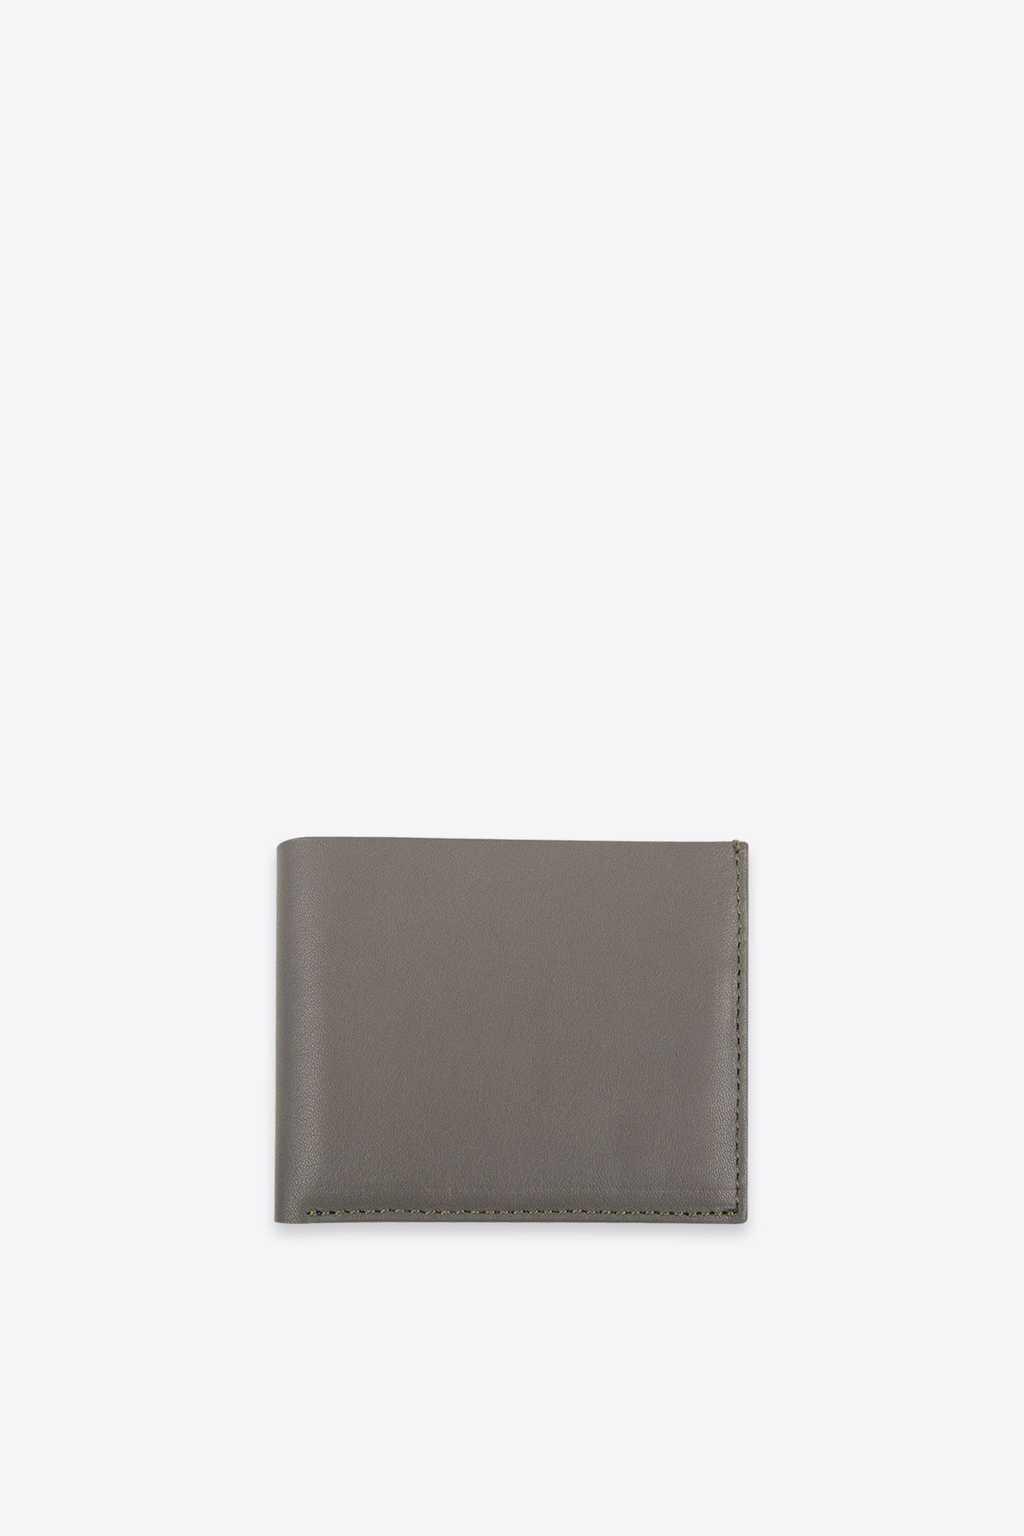 Wallet 1256 Olive 1